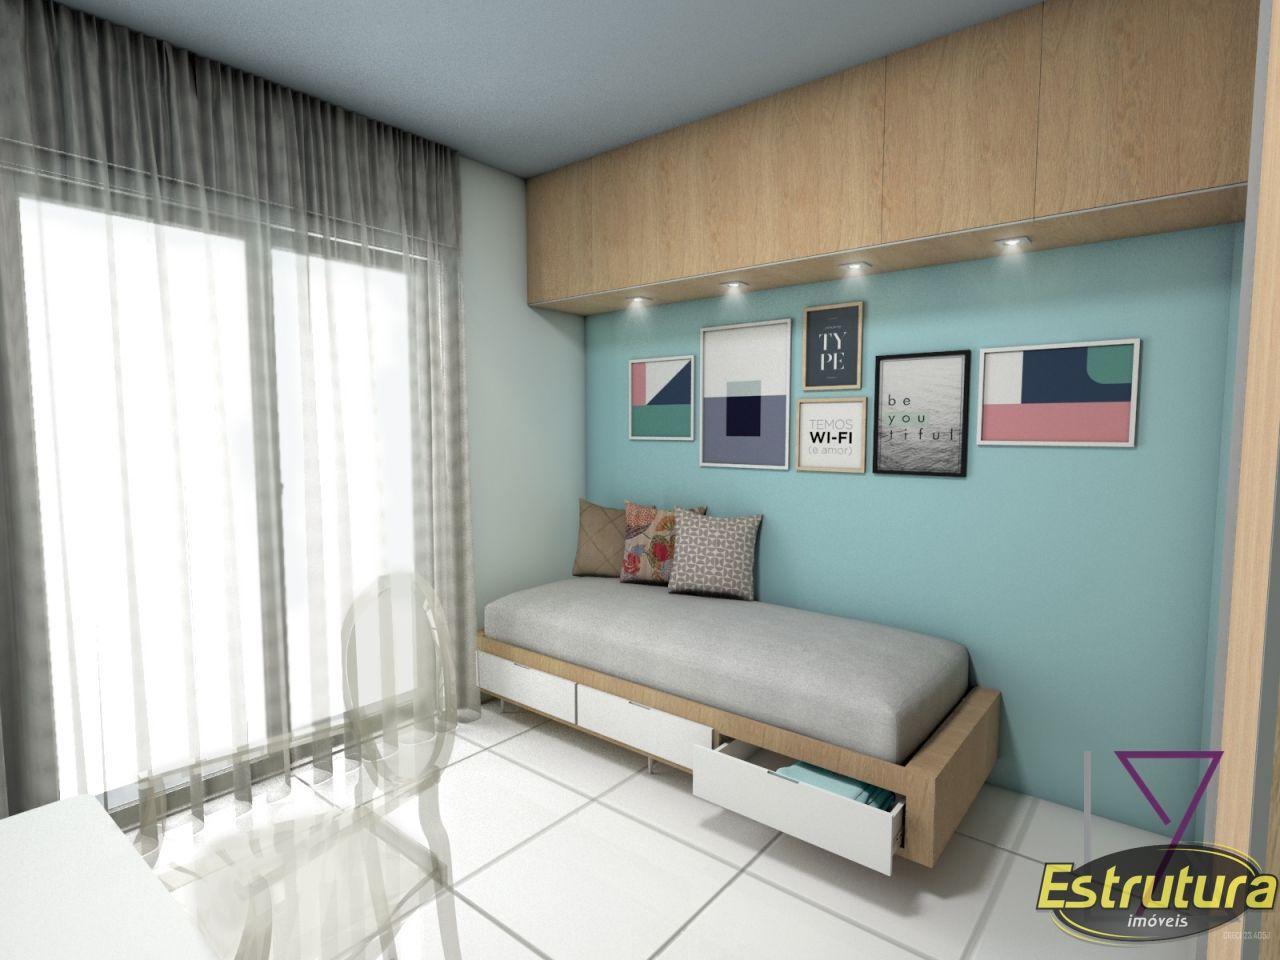 Casa com 2 Dormitórios à venda, 75 m² por R$ 210.000,00